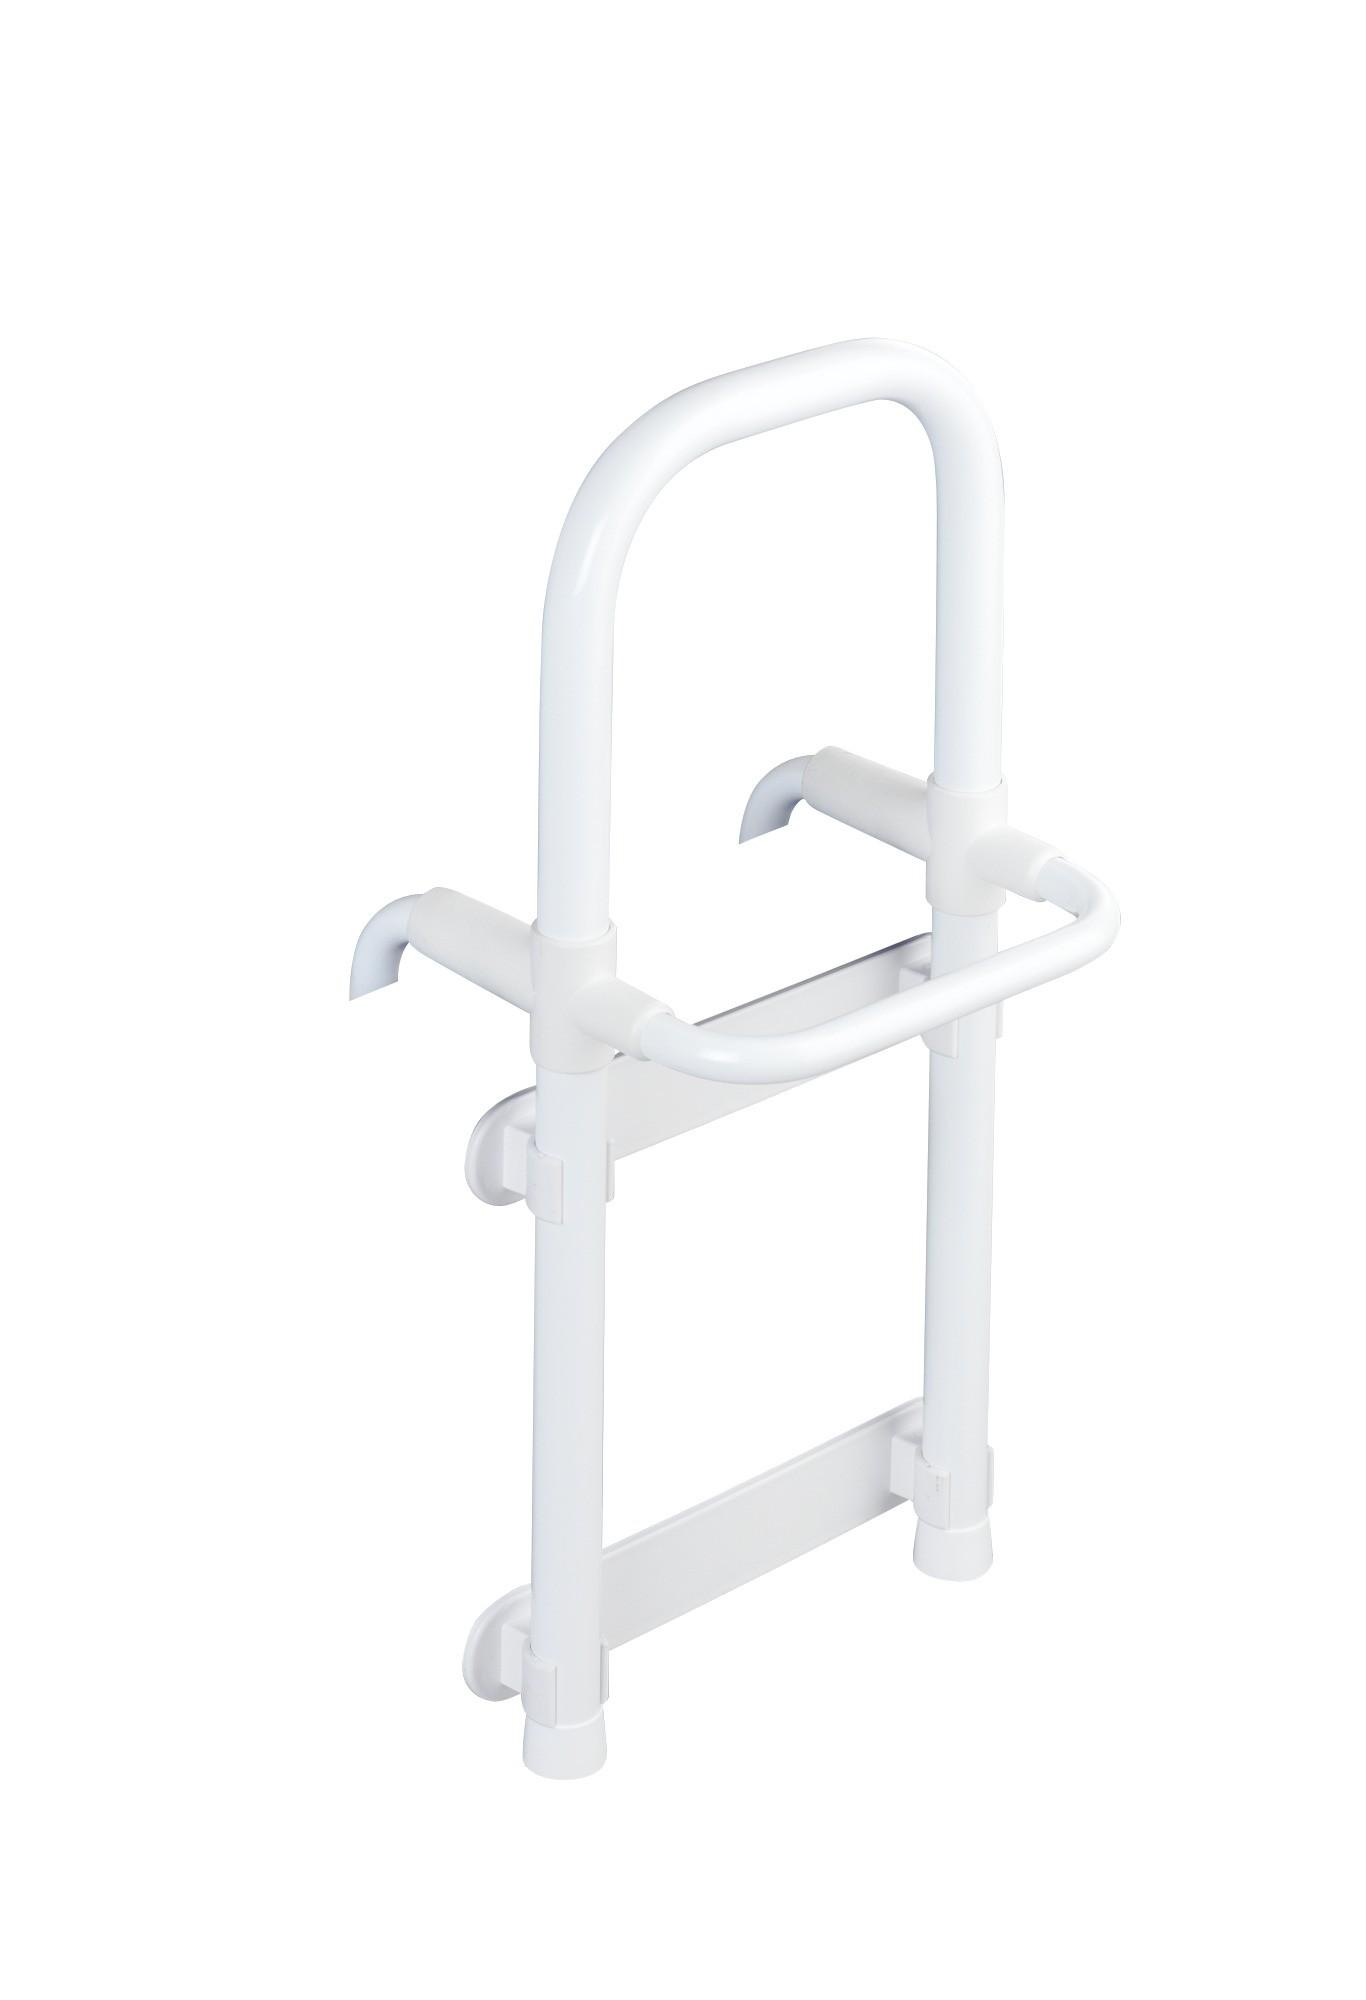 Badewannen-Einstiegshilfe Secura Weiß, verstellbar, 120 kg Tragkraft